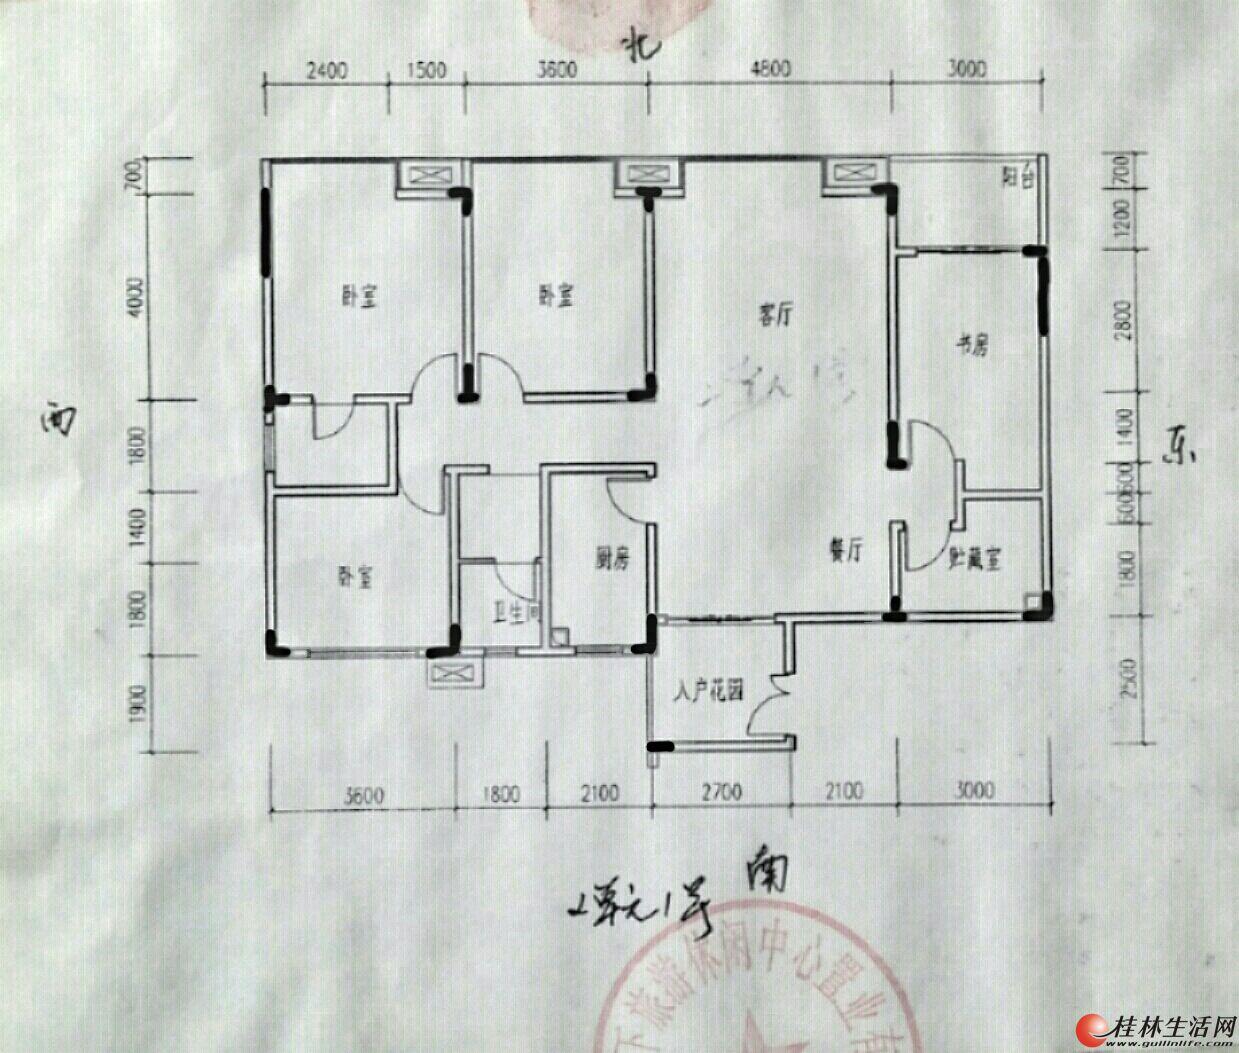 龙隐学区鑫海国际4房2厅160平米毛坯房出售